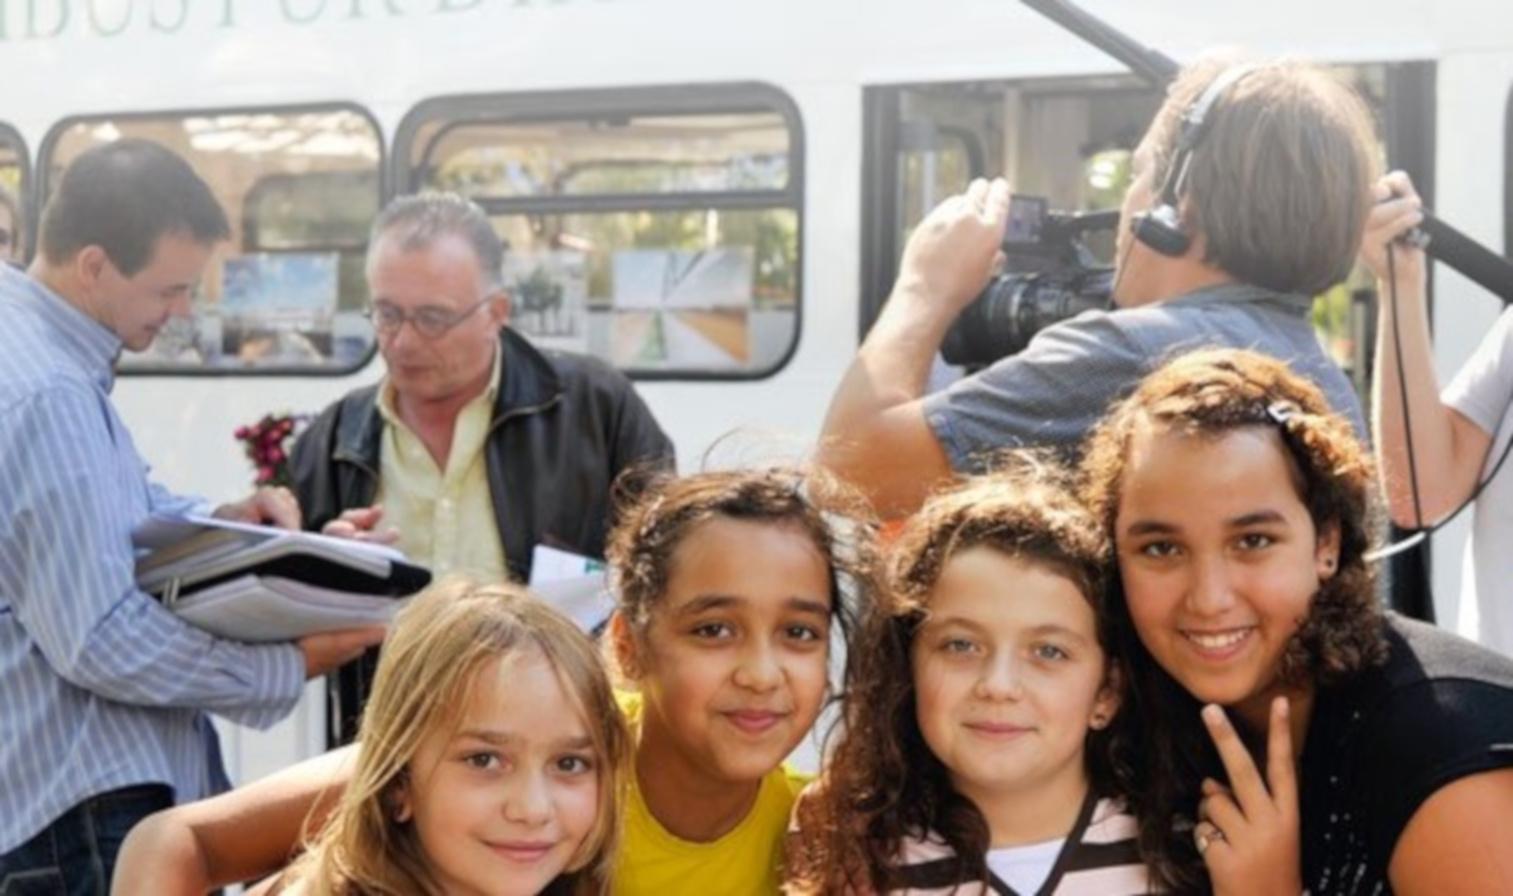 Mehrere Schüler und Mitarbeiter des Omnibus im Gespräch vor dem Omnibus